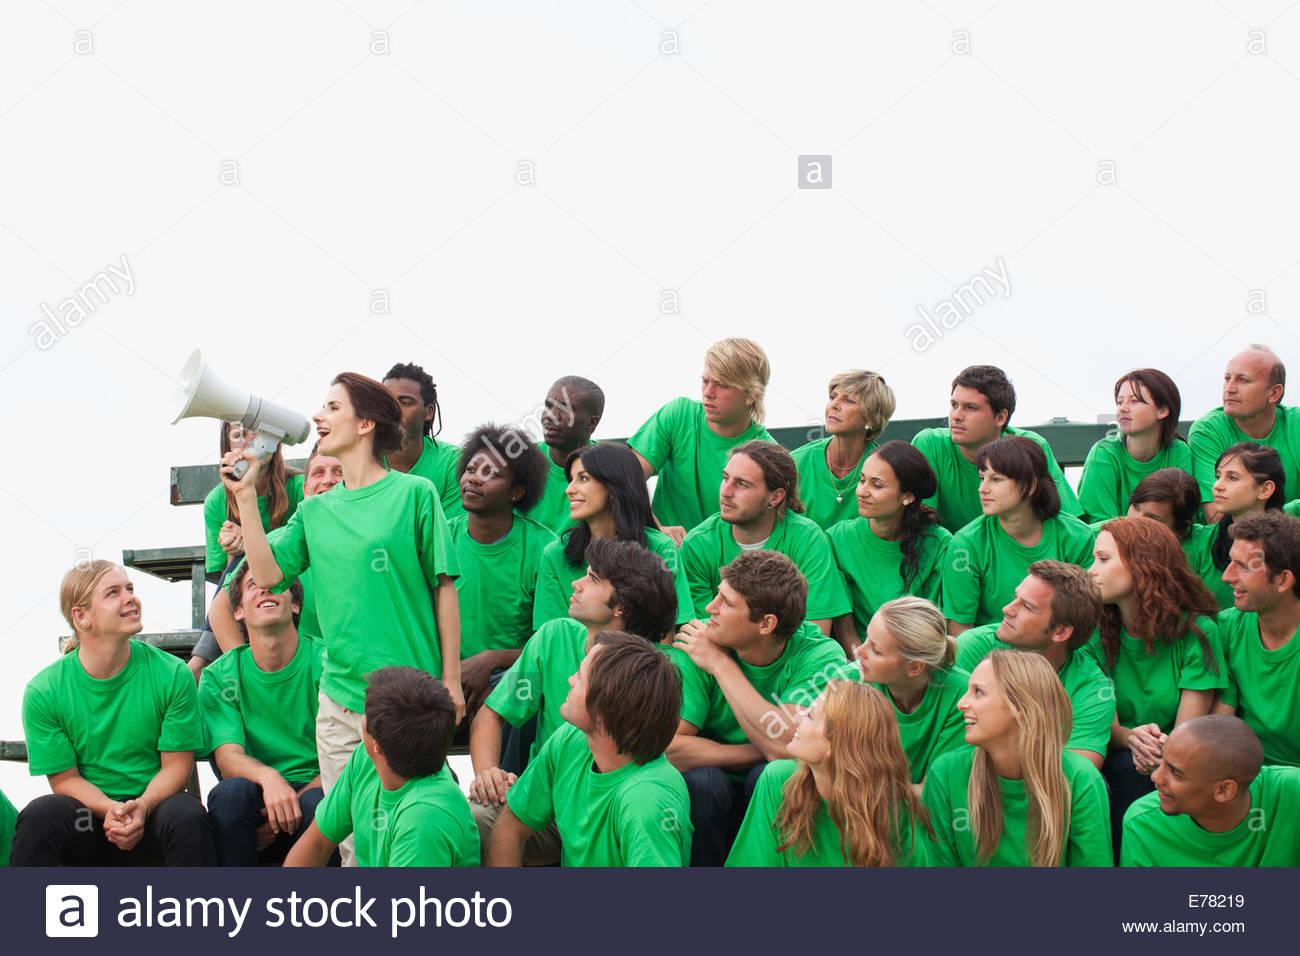 Gruppe von Zuschauern, eine Person mit Megaphon Stockbild